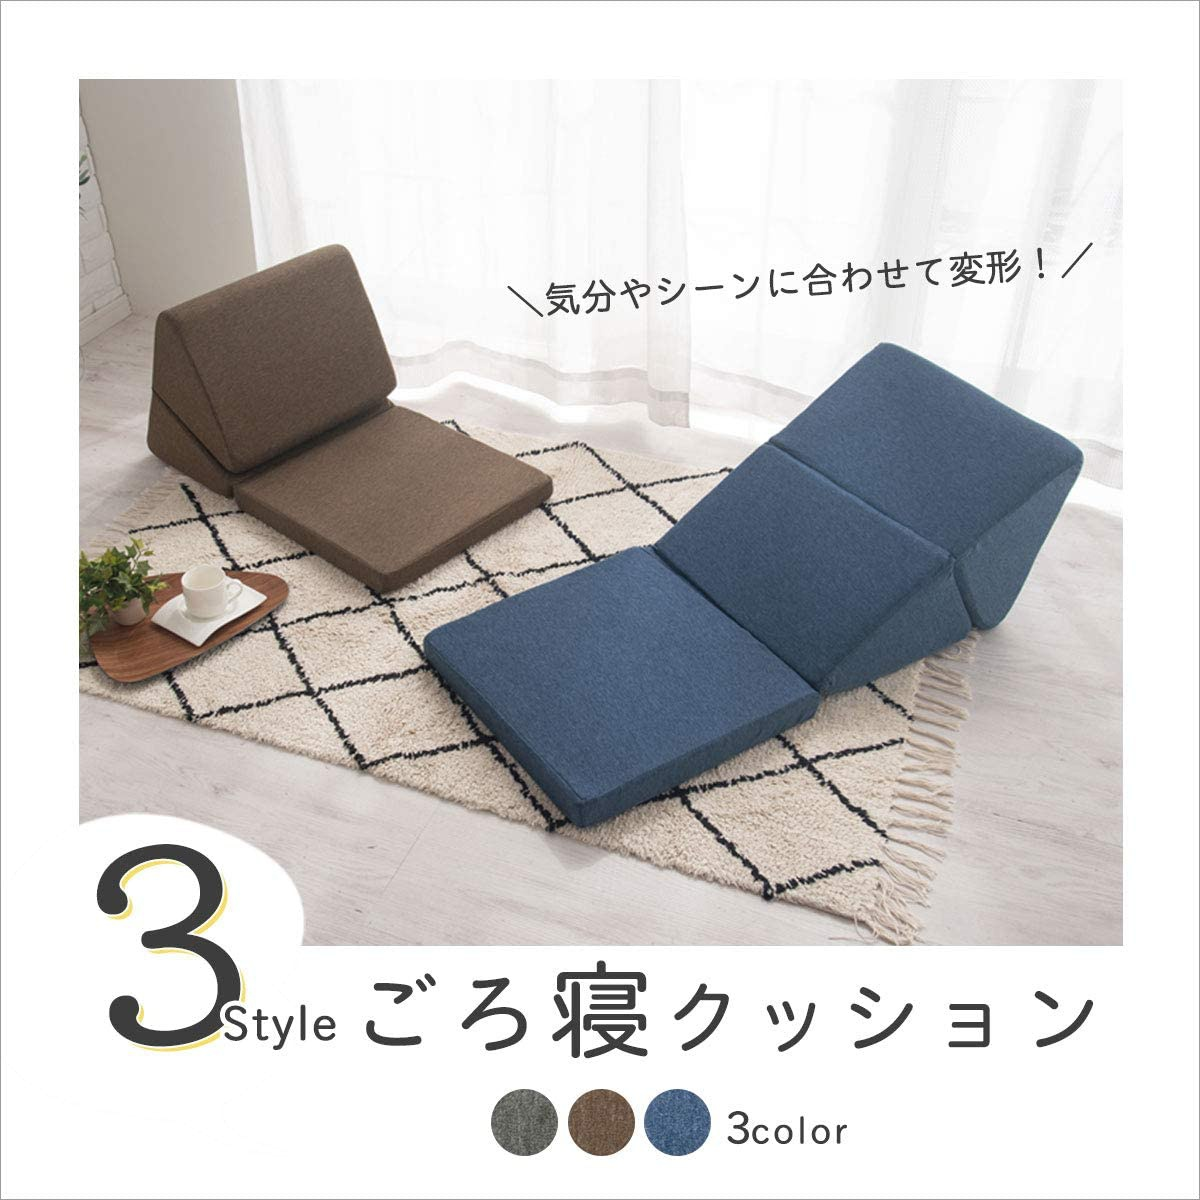 ぼん家具 ごろ寝クッションの商品画像2